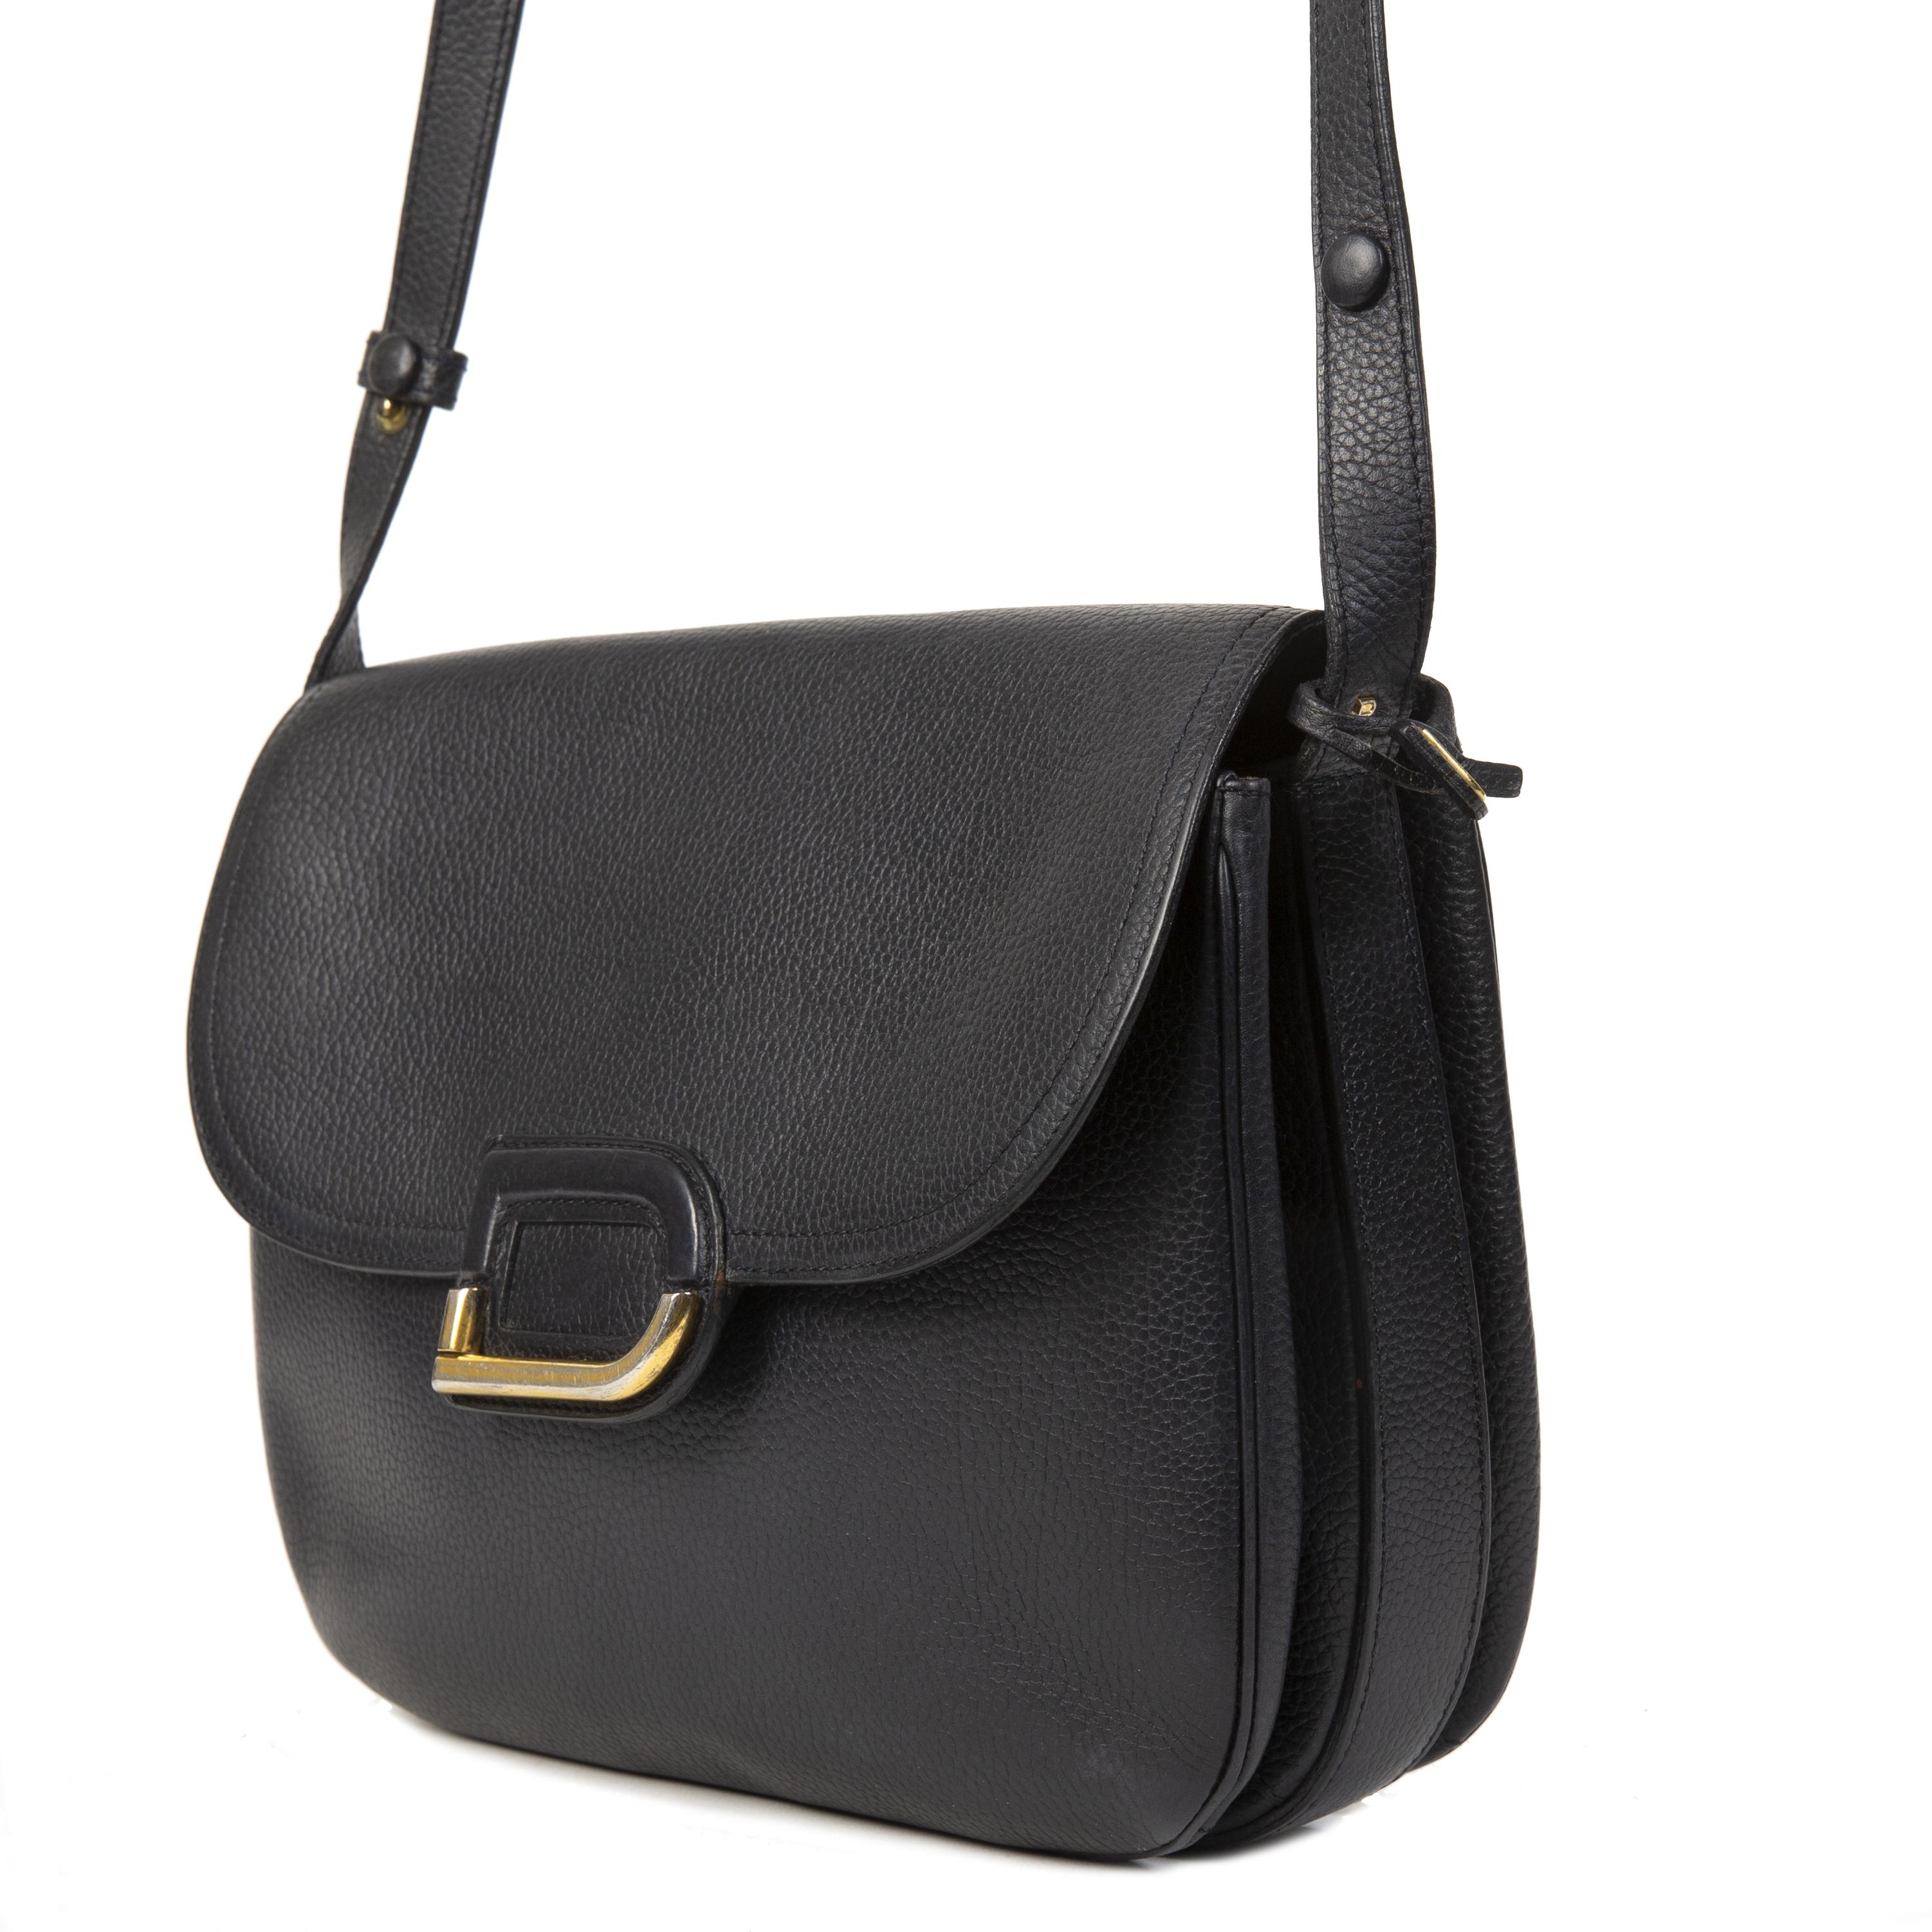 1e346227ac5 ... Authentieke tweedehands Delvaux Vintage Dark Blue D Logo Bag juiste  prijs veilig online winkelen LabelLOV webshop